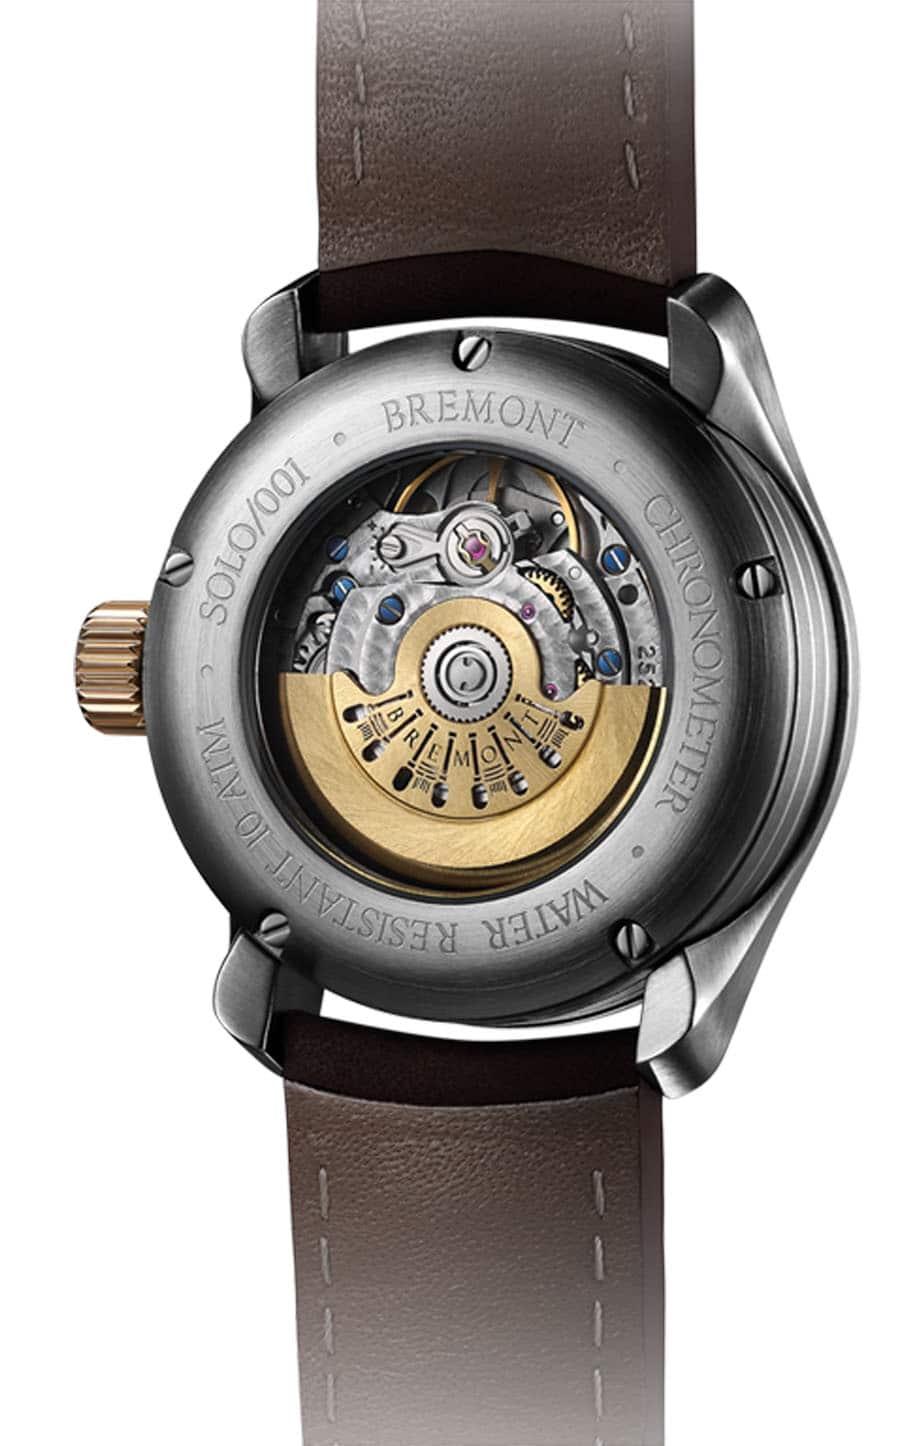 Bremont: Chronometerzertifiziertes Automatikwerk